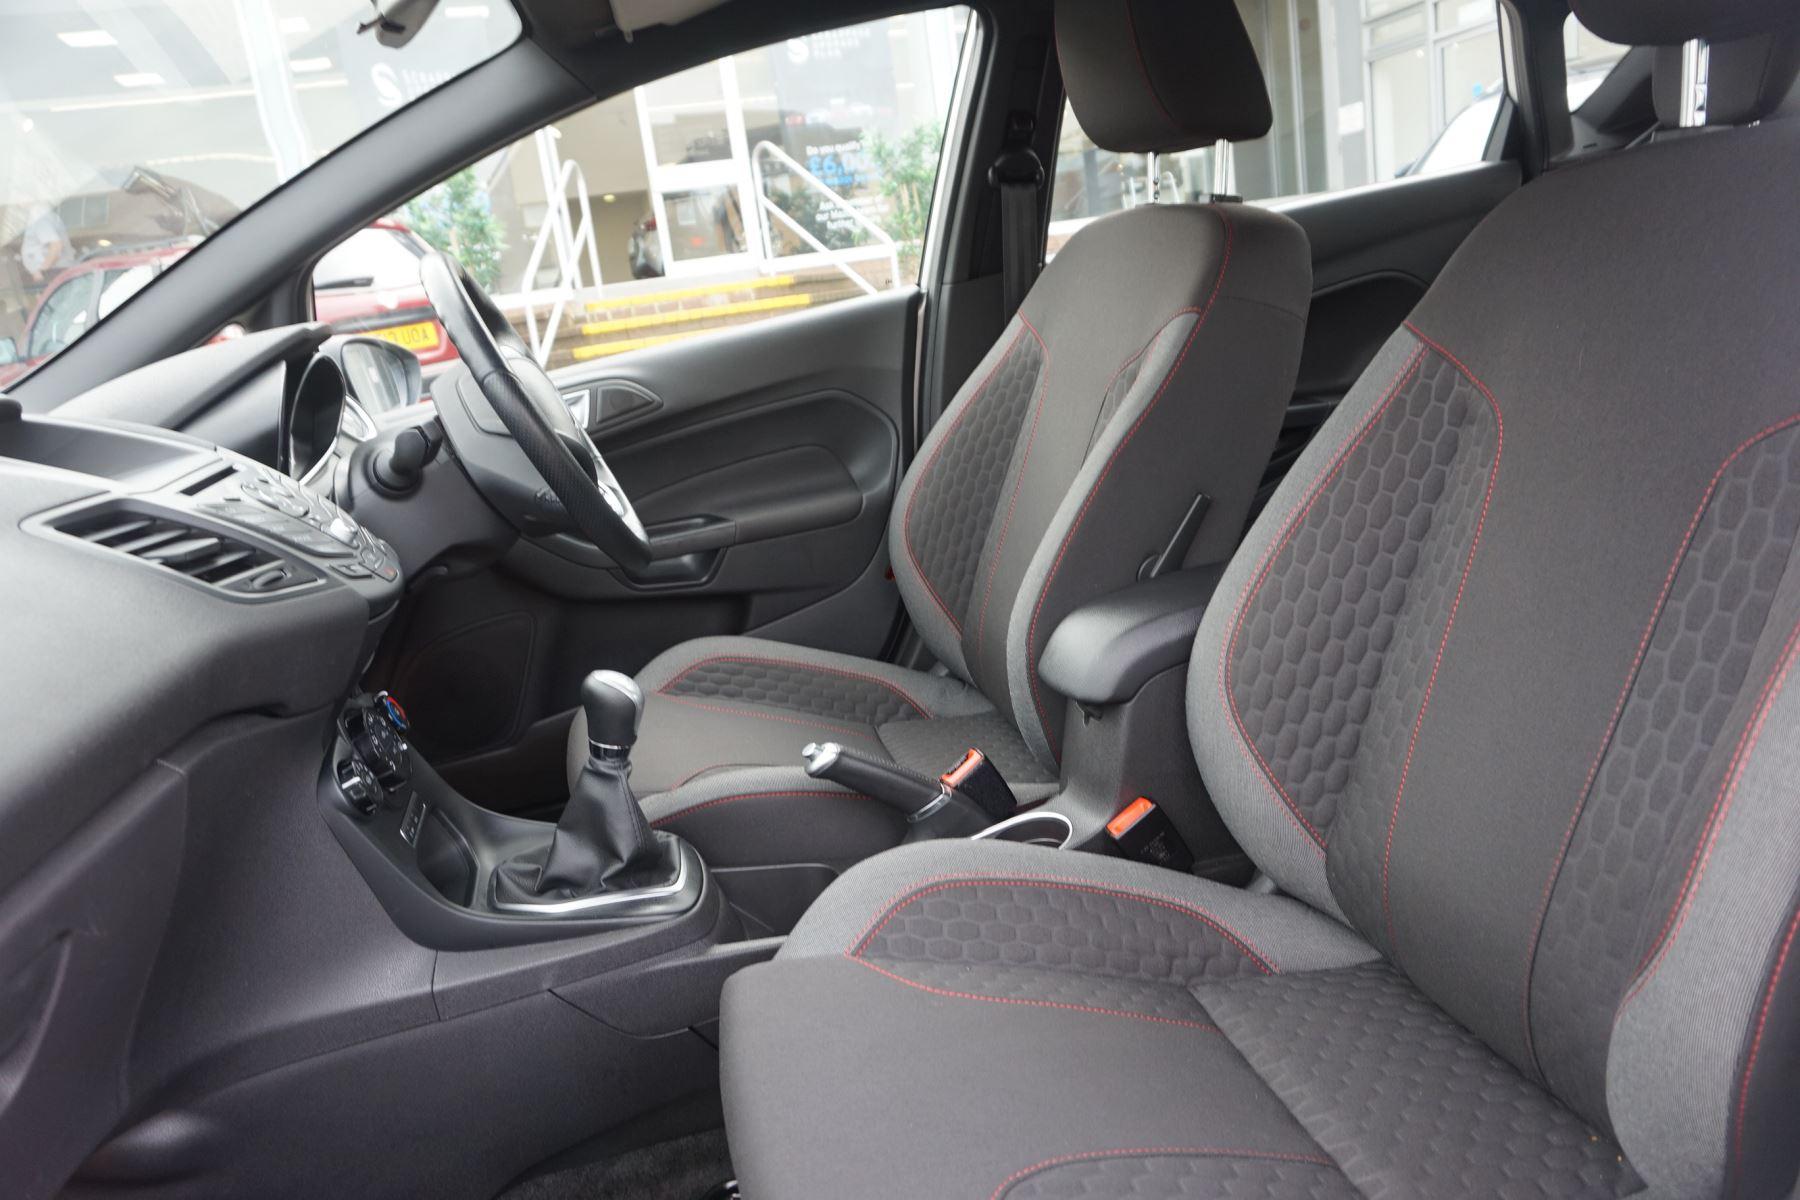 Ford Fiesta 1.0 EcoBoost 125 ST-Line 5dr image 8